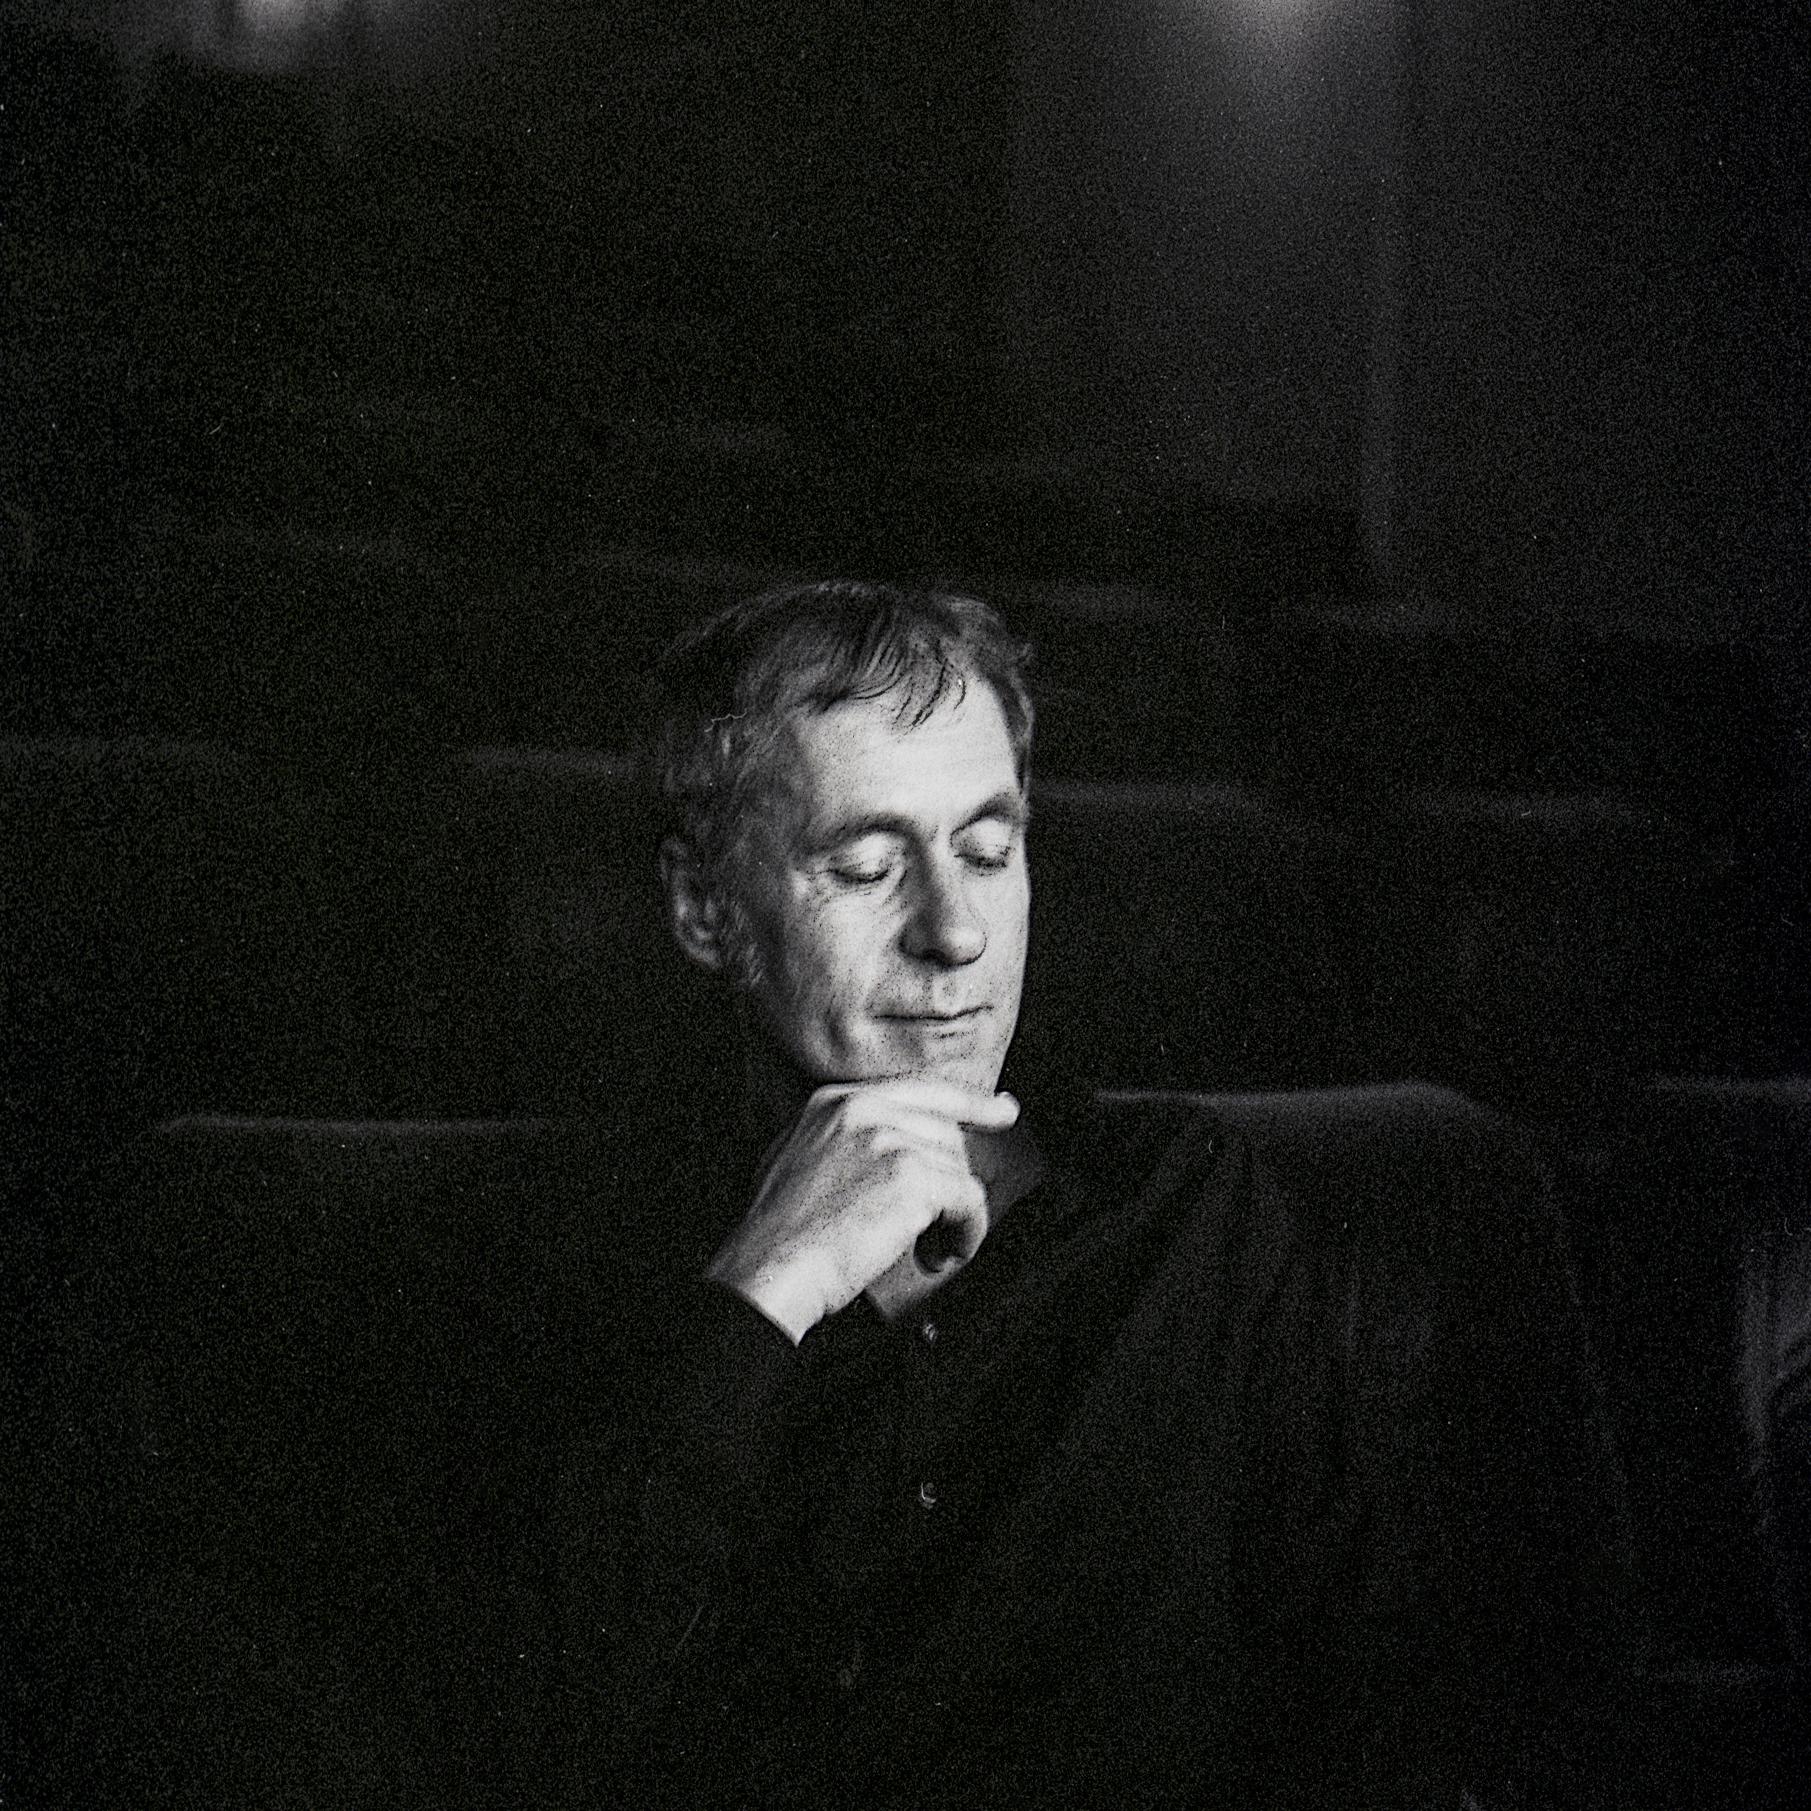 هوبرت ساوبر